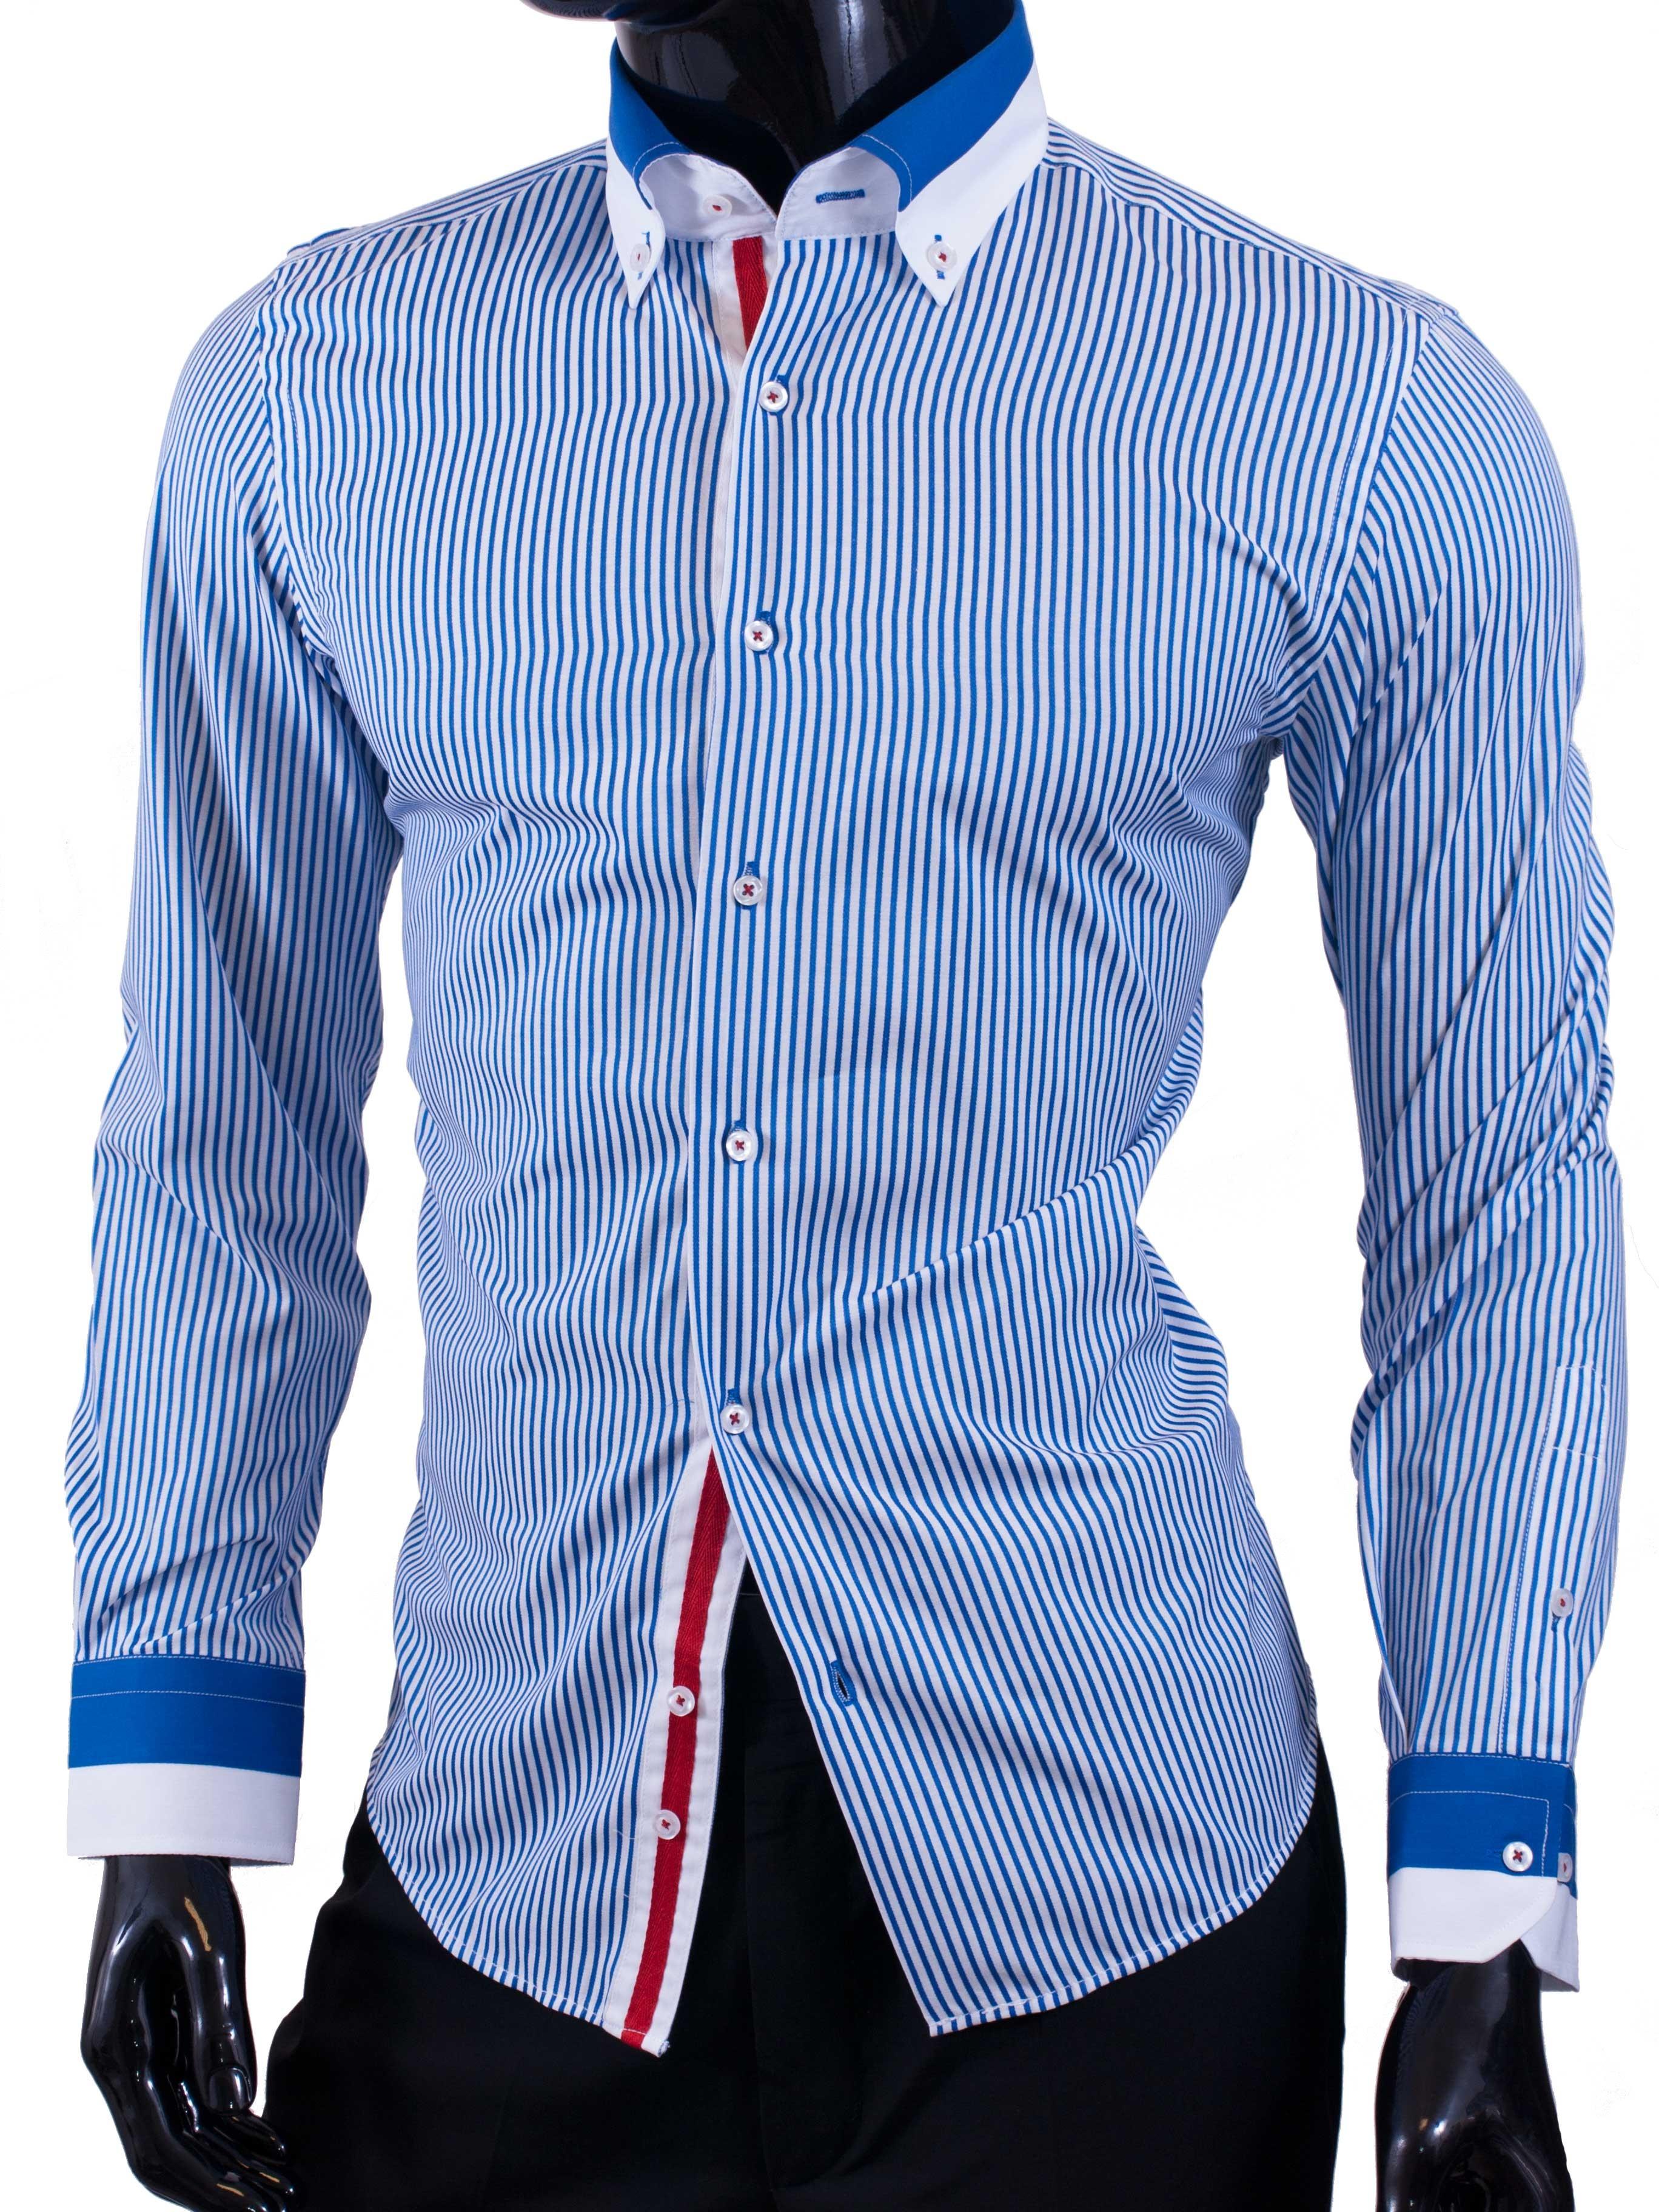 Pánské košile Egoman bílá se světle modrými proužky